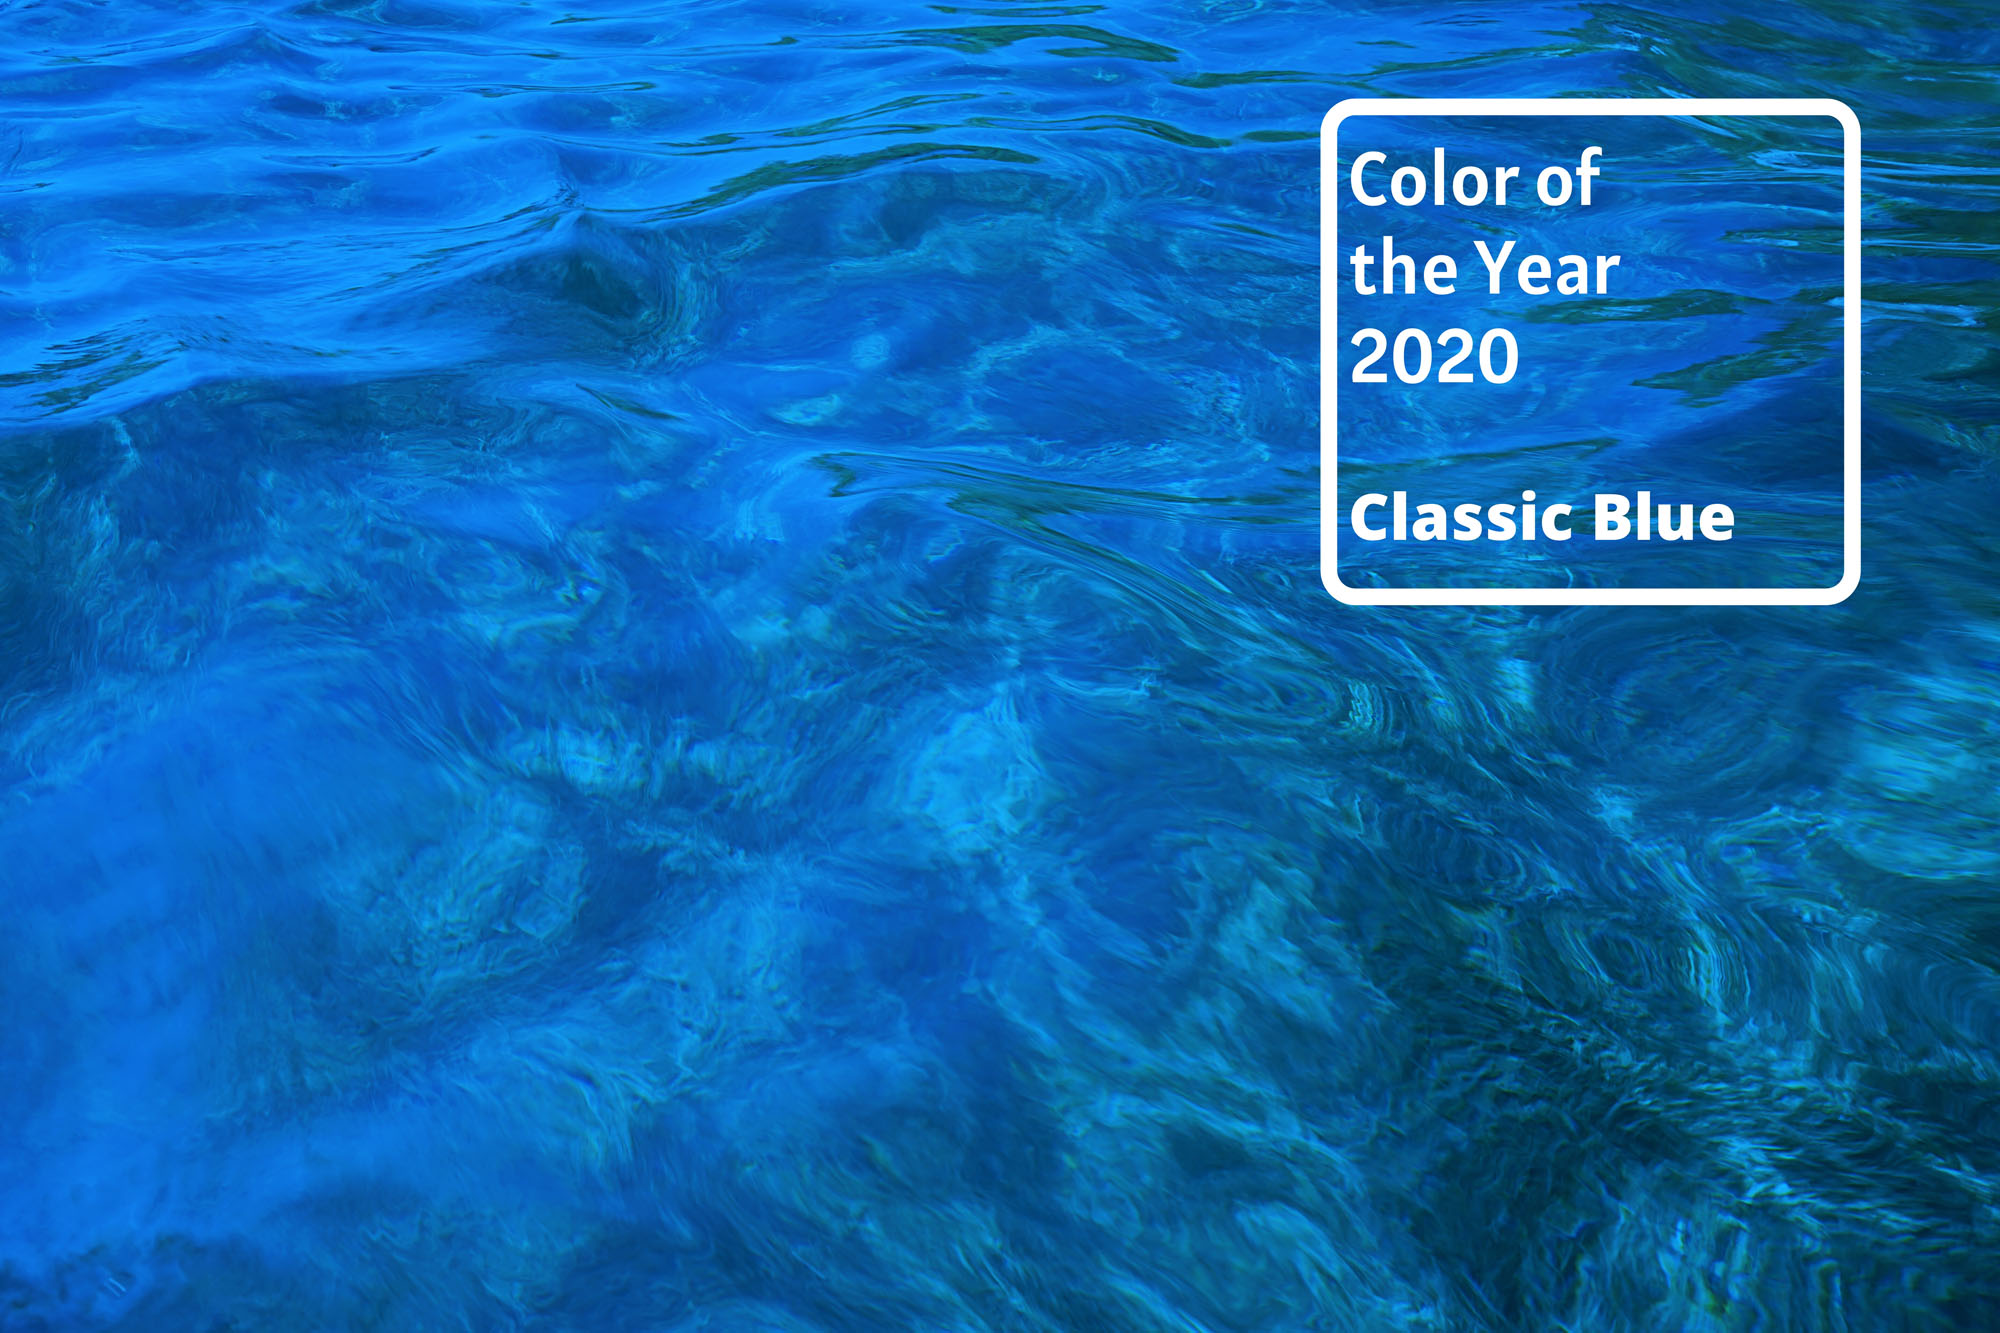 Classic Blue Pool